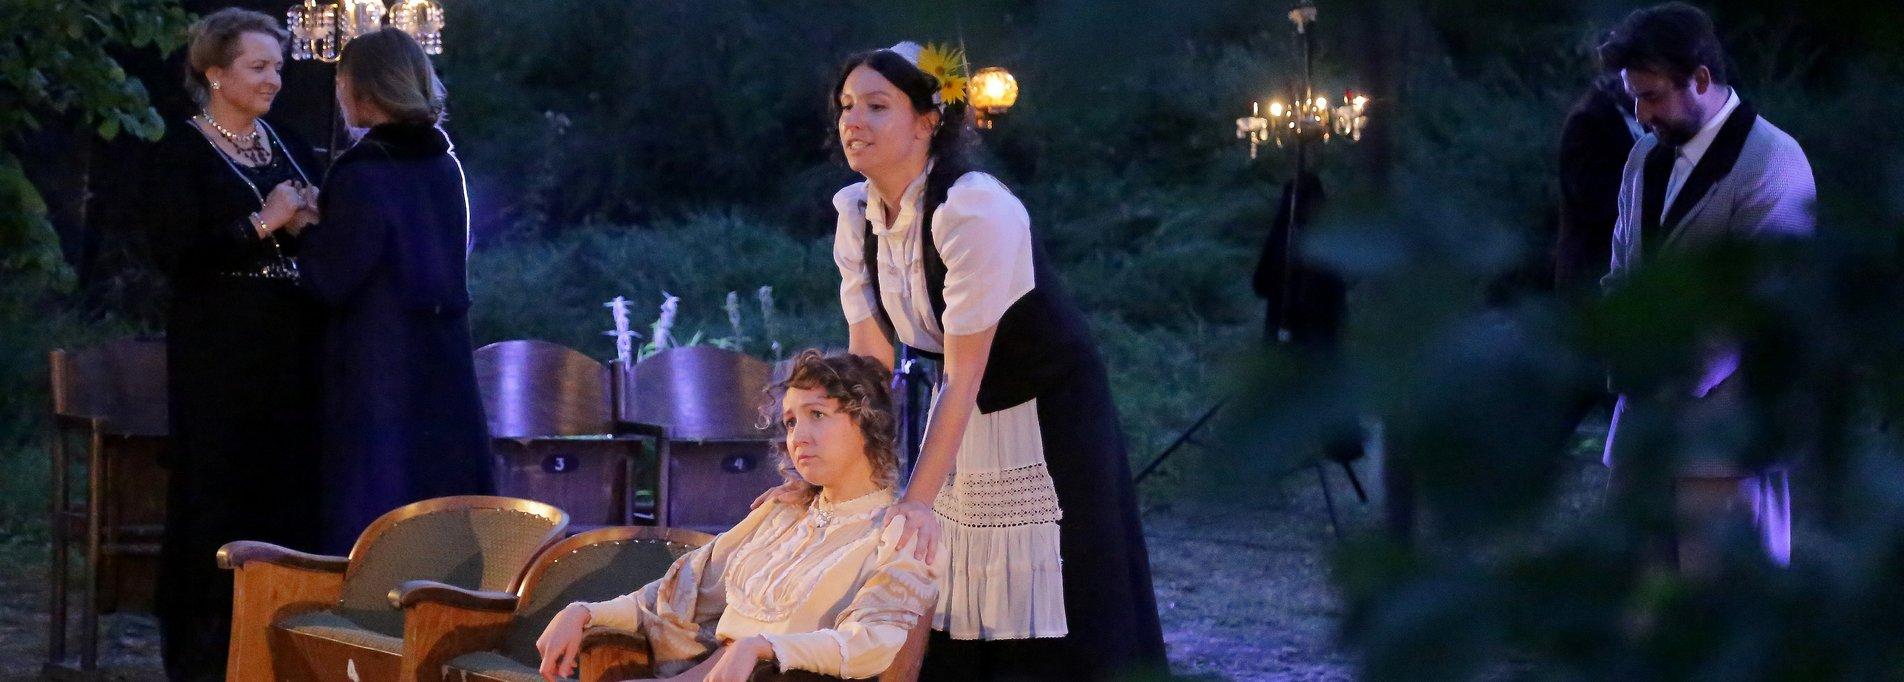 Wiśniowy sad - Teatr Latarnia / spektakl w plenerze